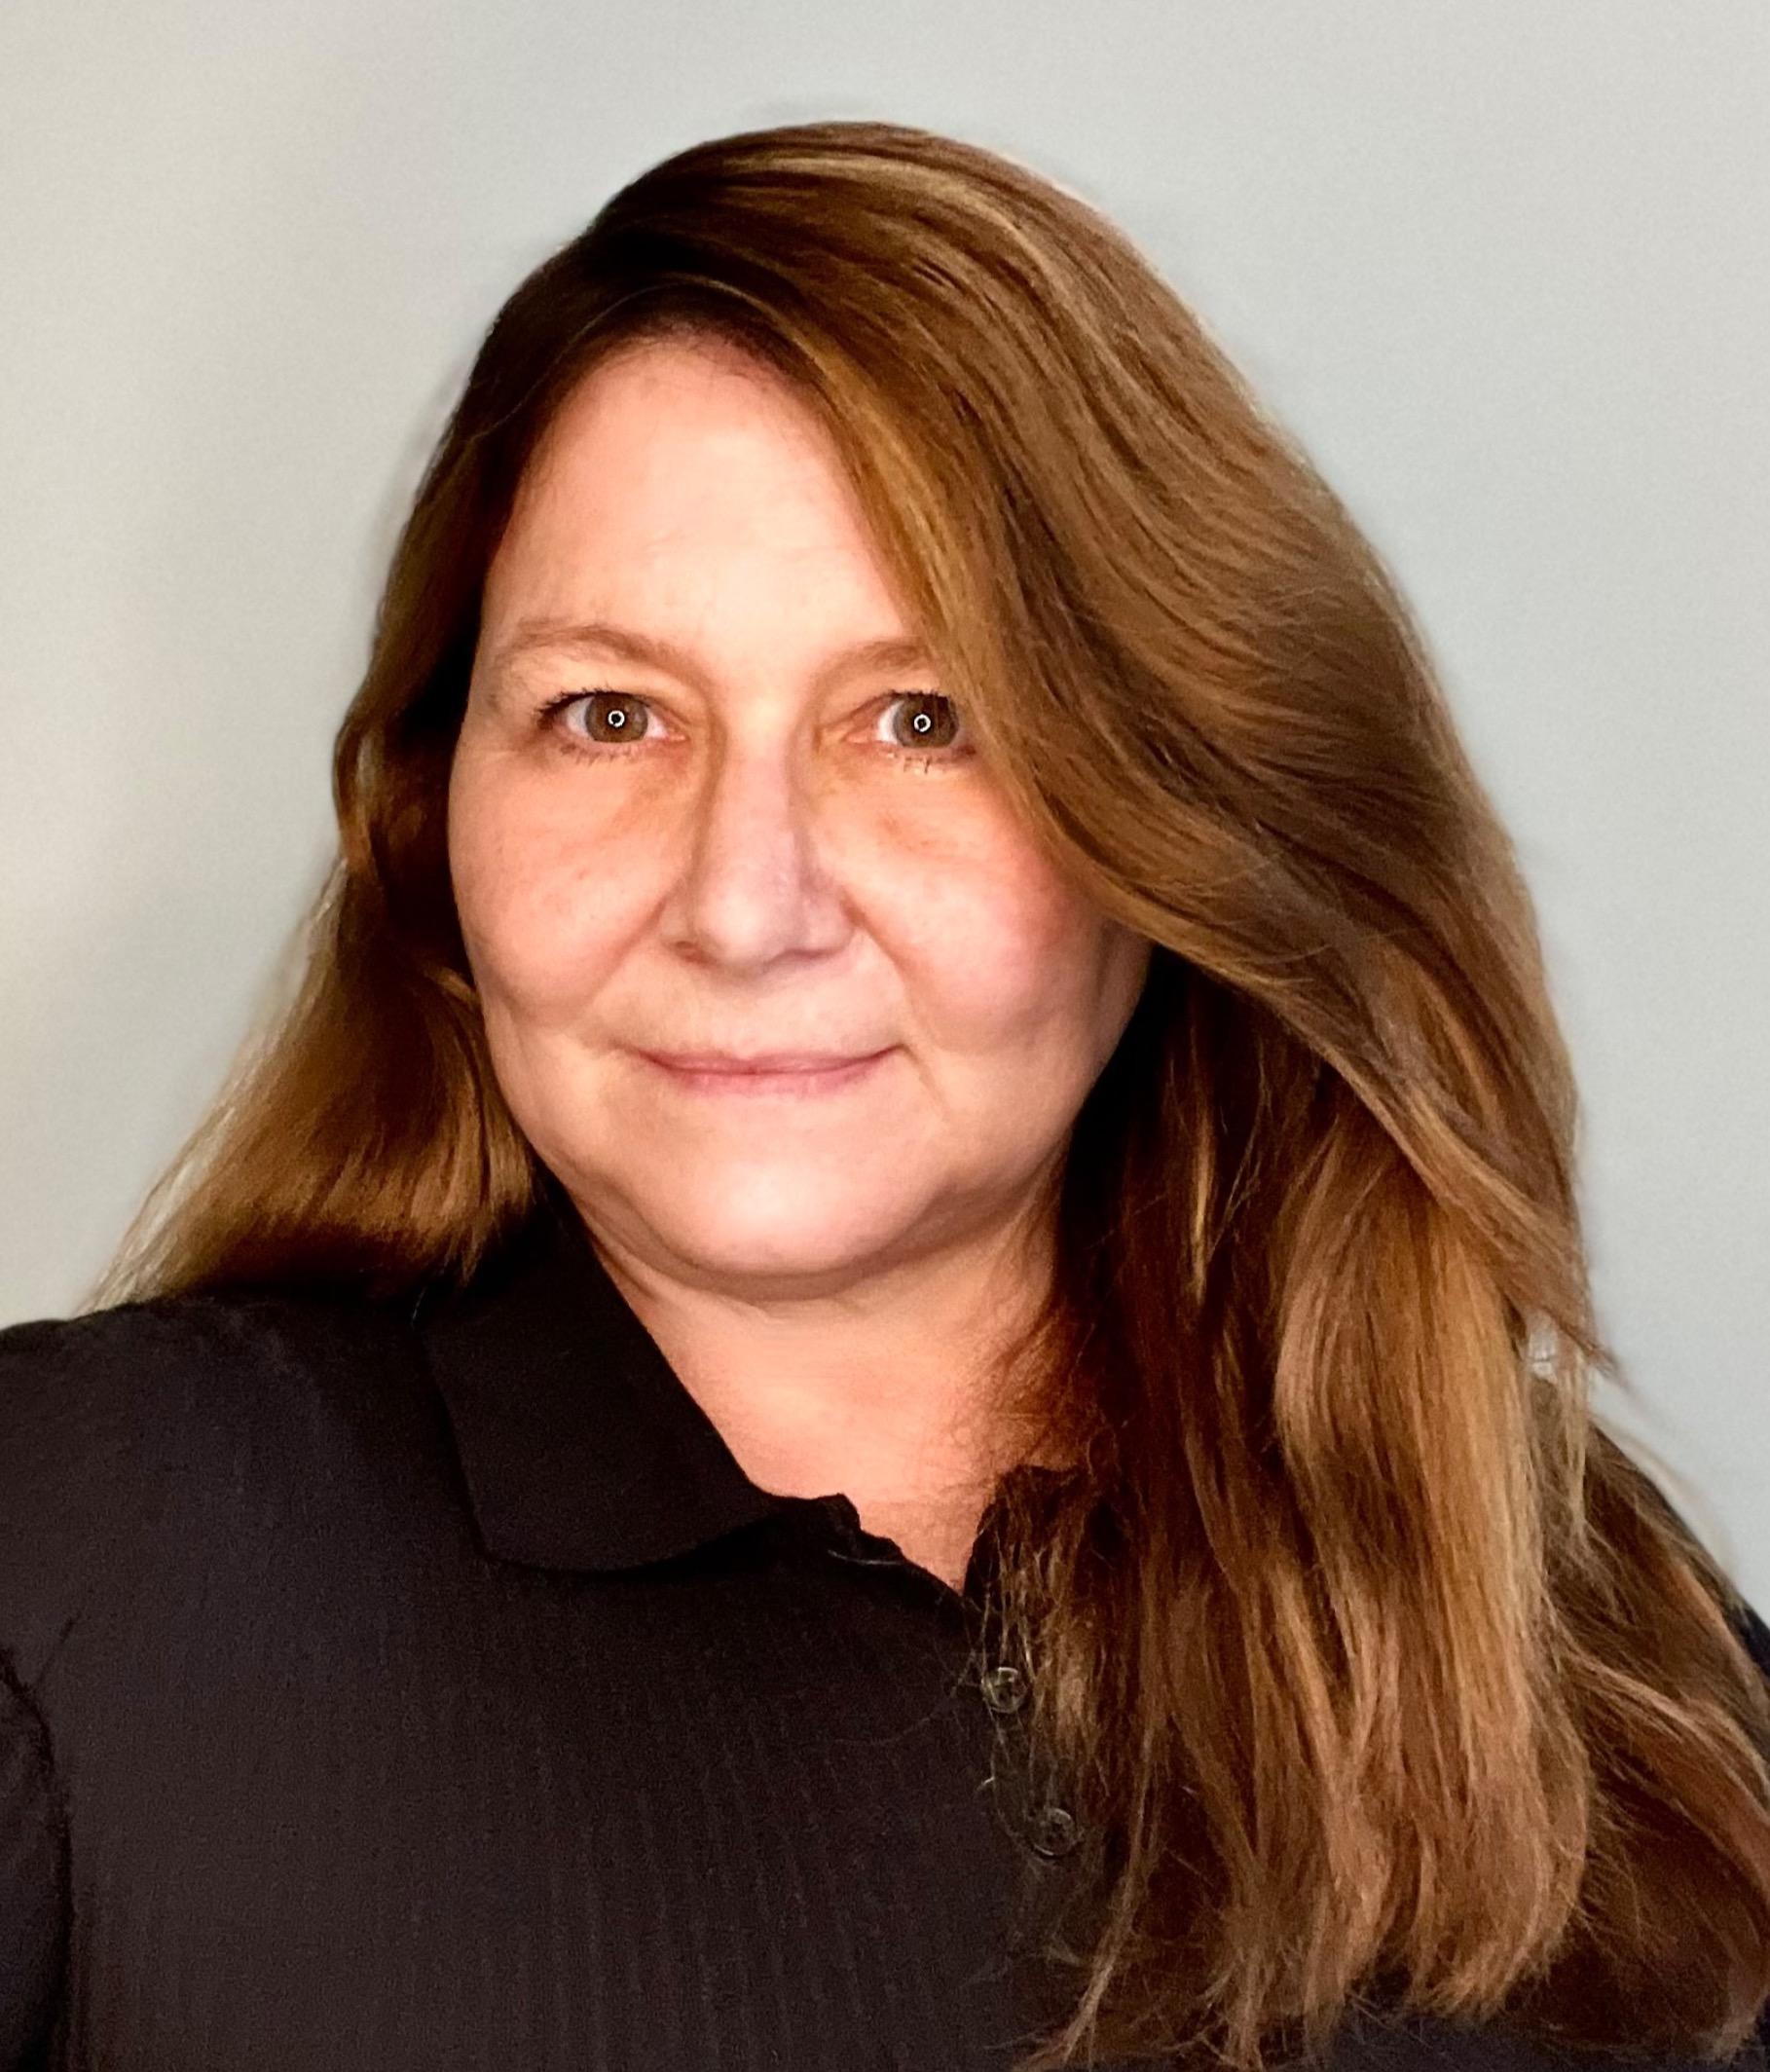 Marie-Elaine Hvizdak